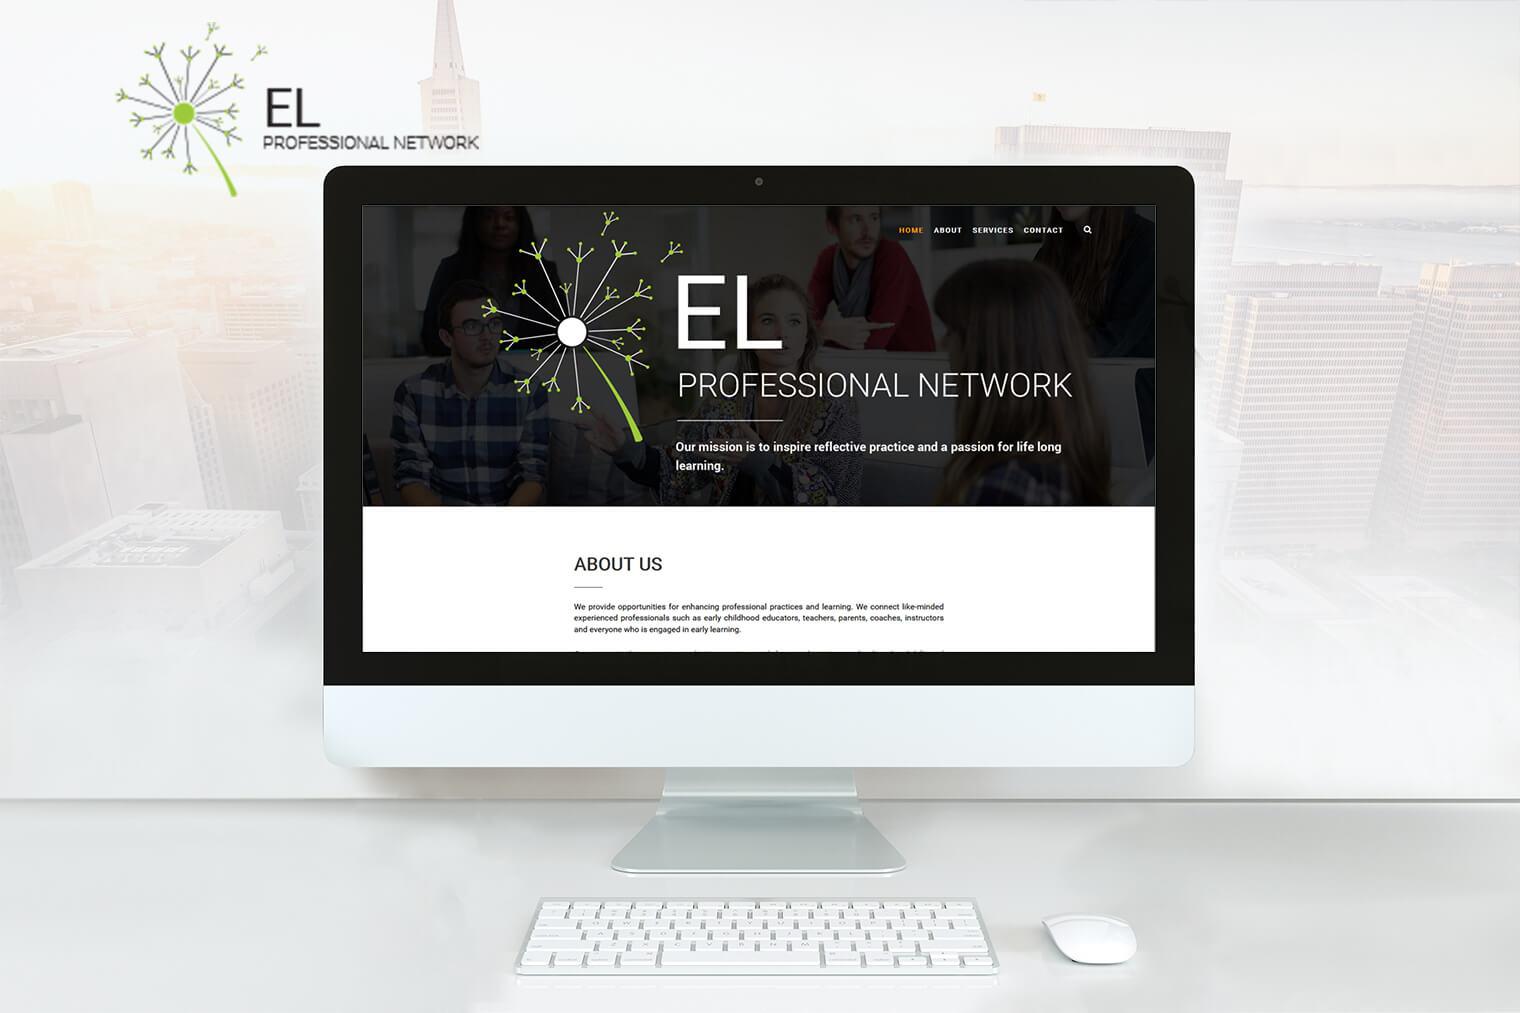 El Professional Network